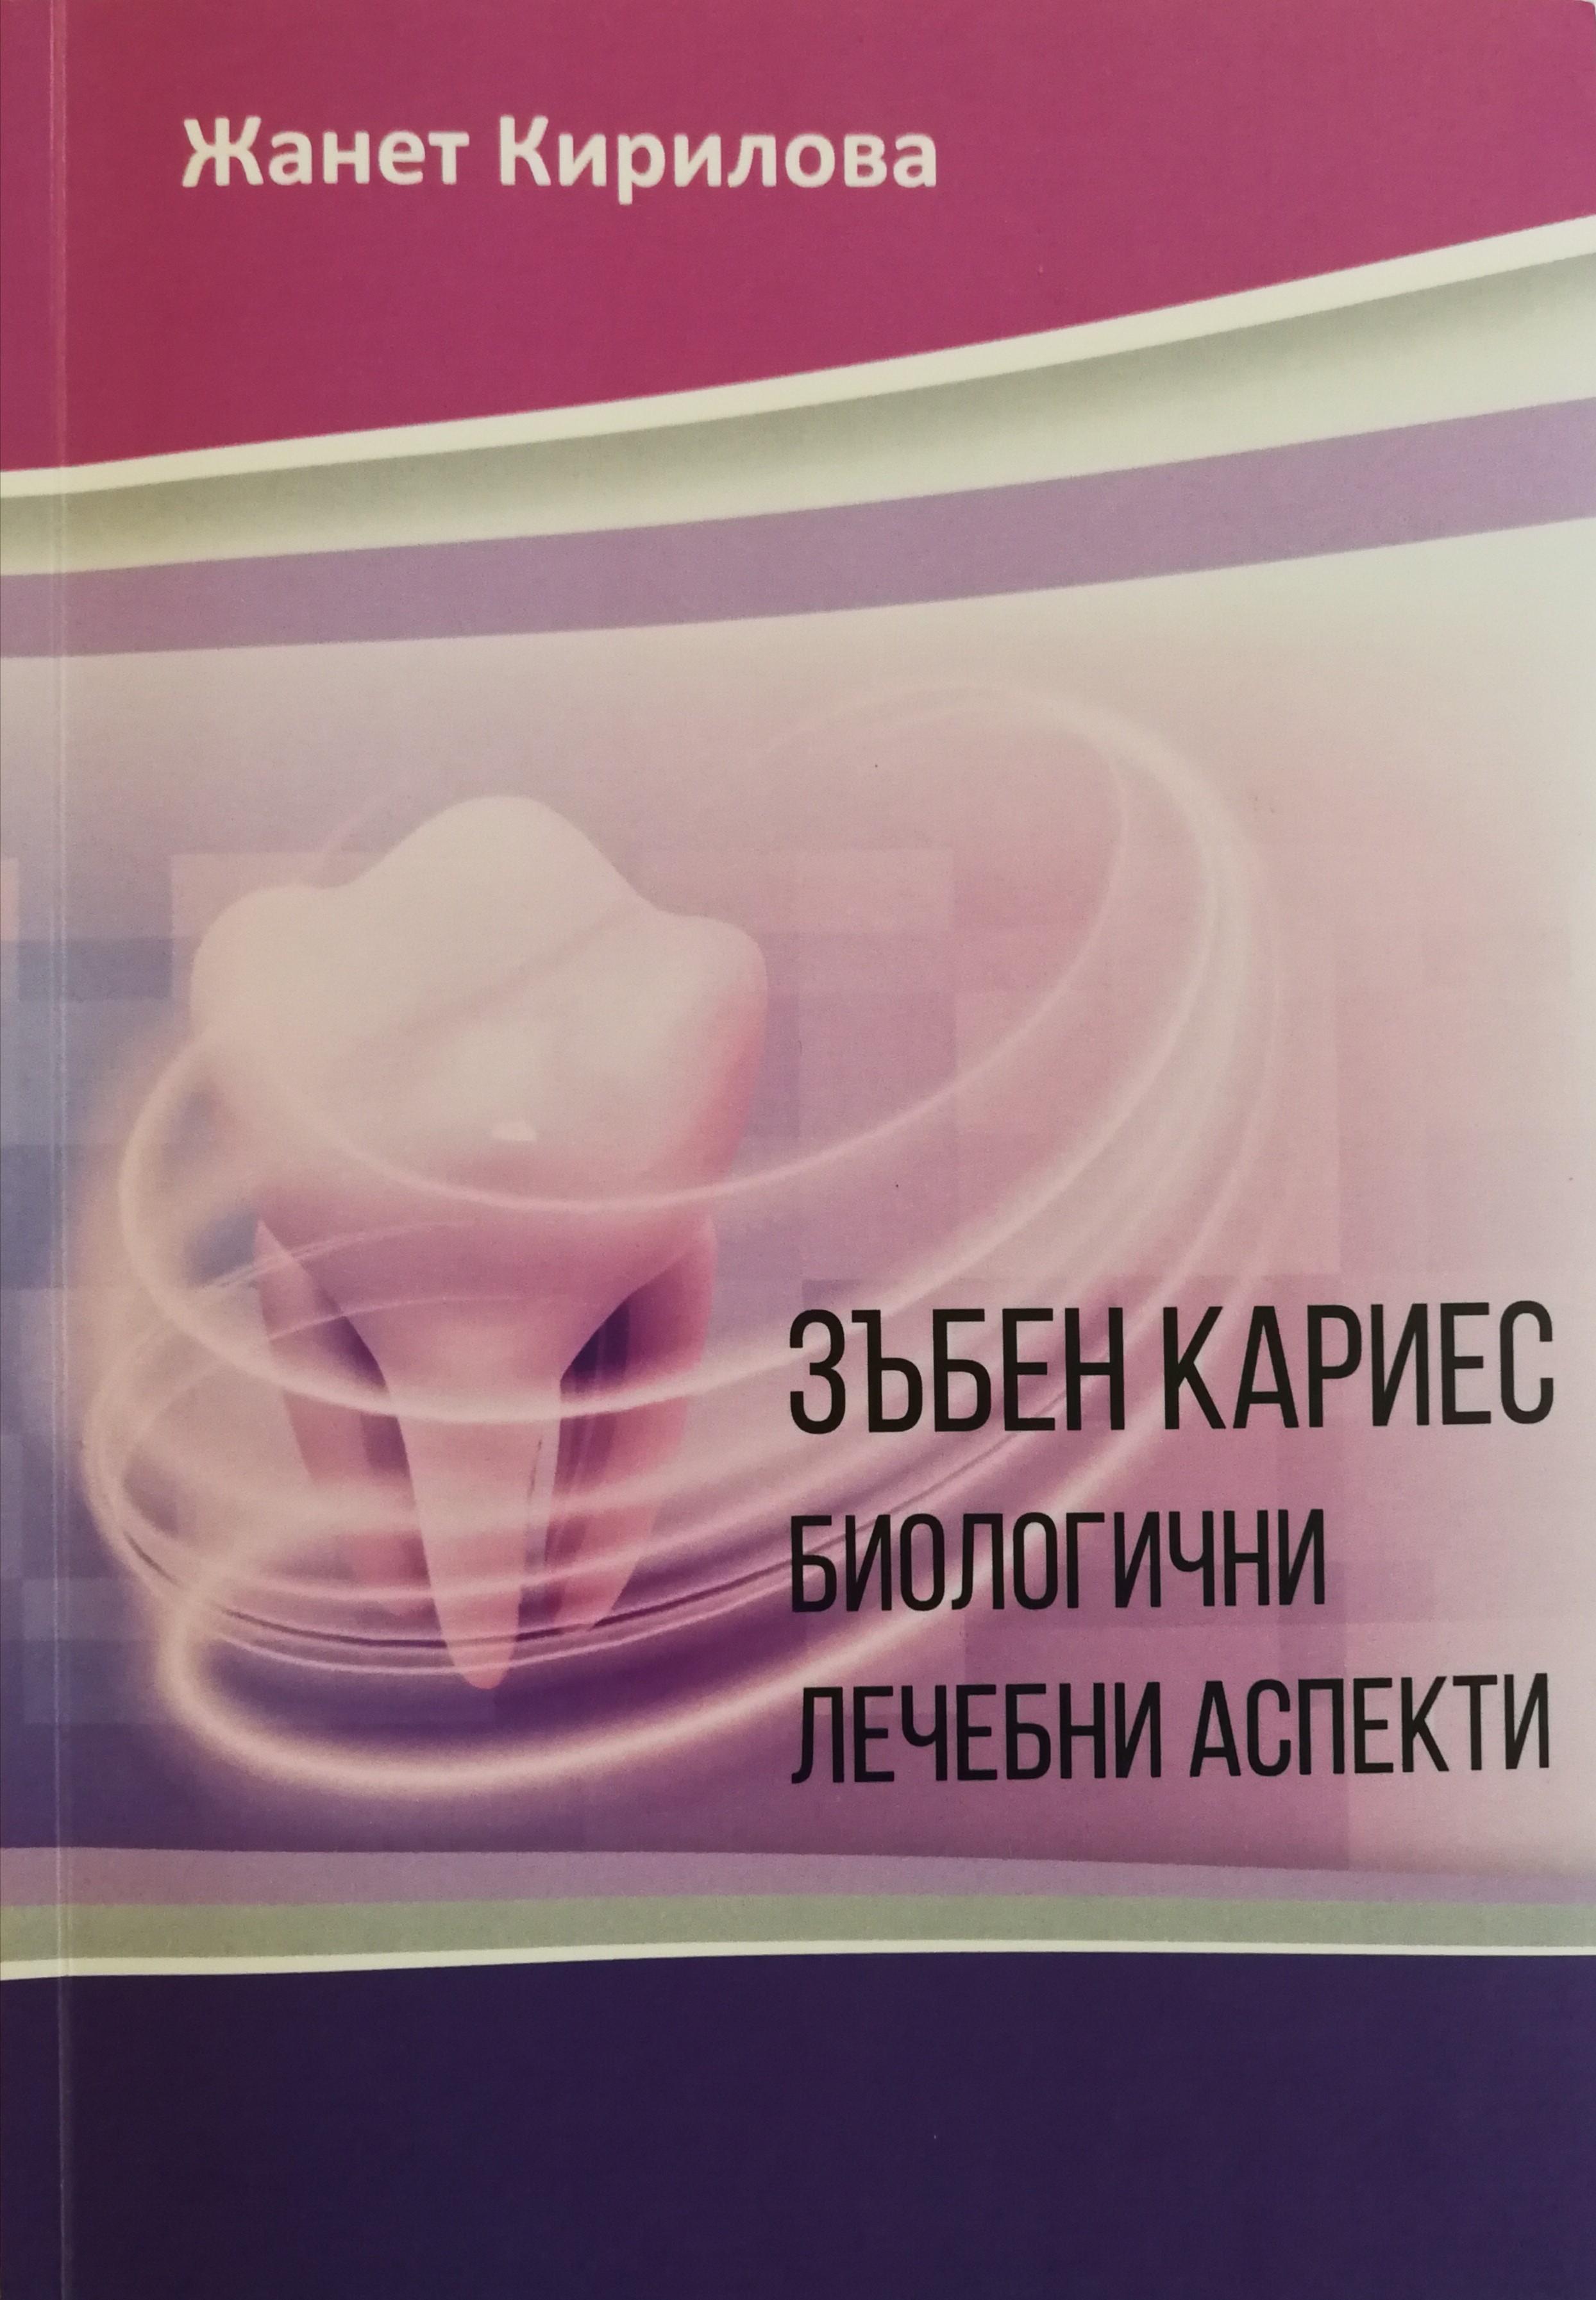 Зъбен кариес - книга на Жанет Кирилова